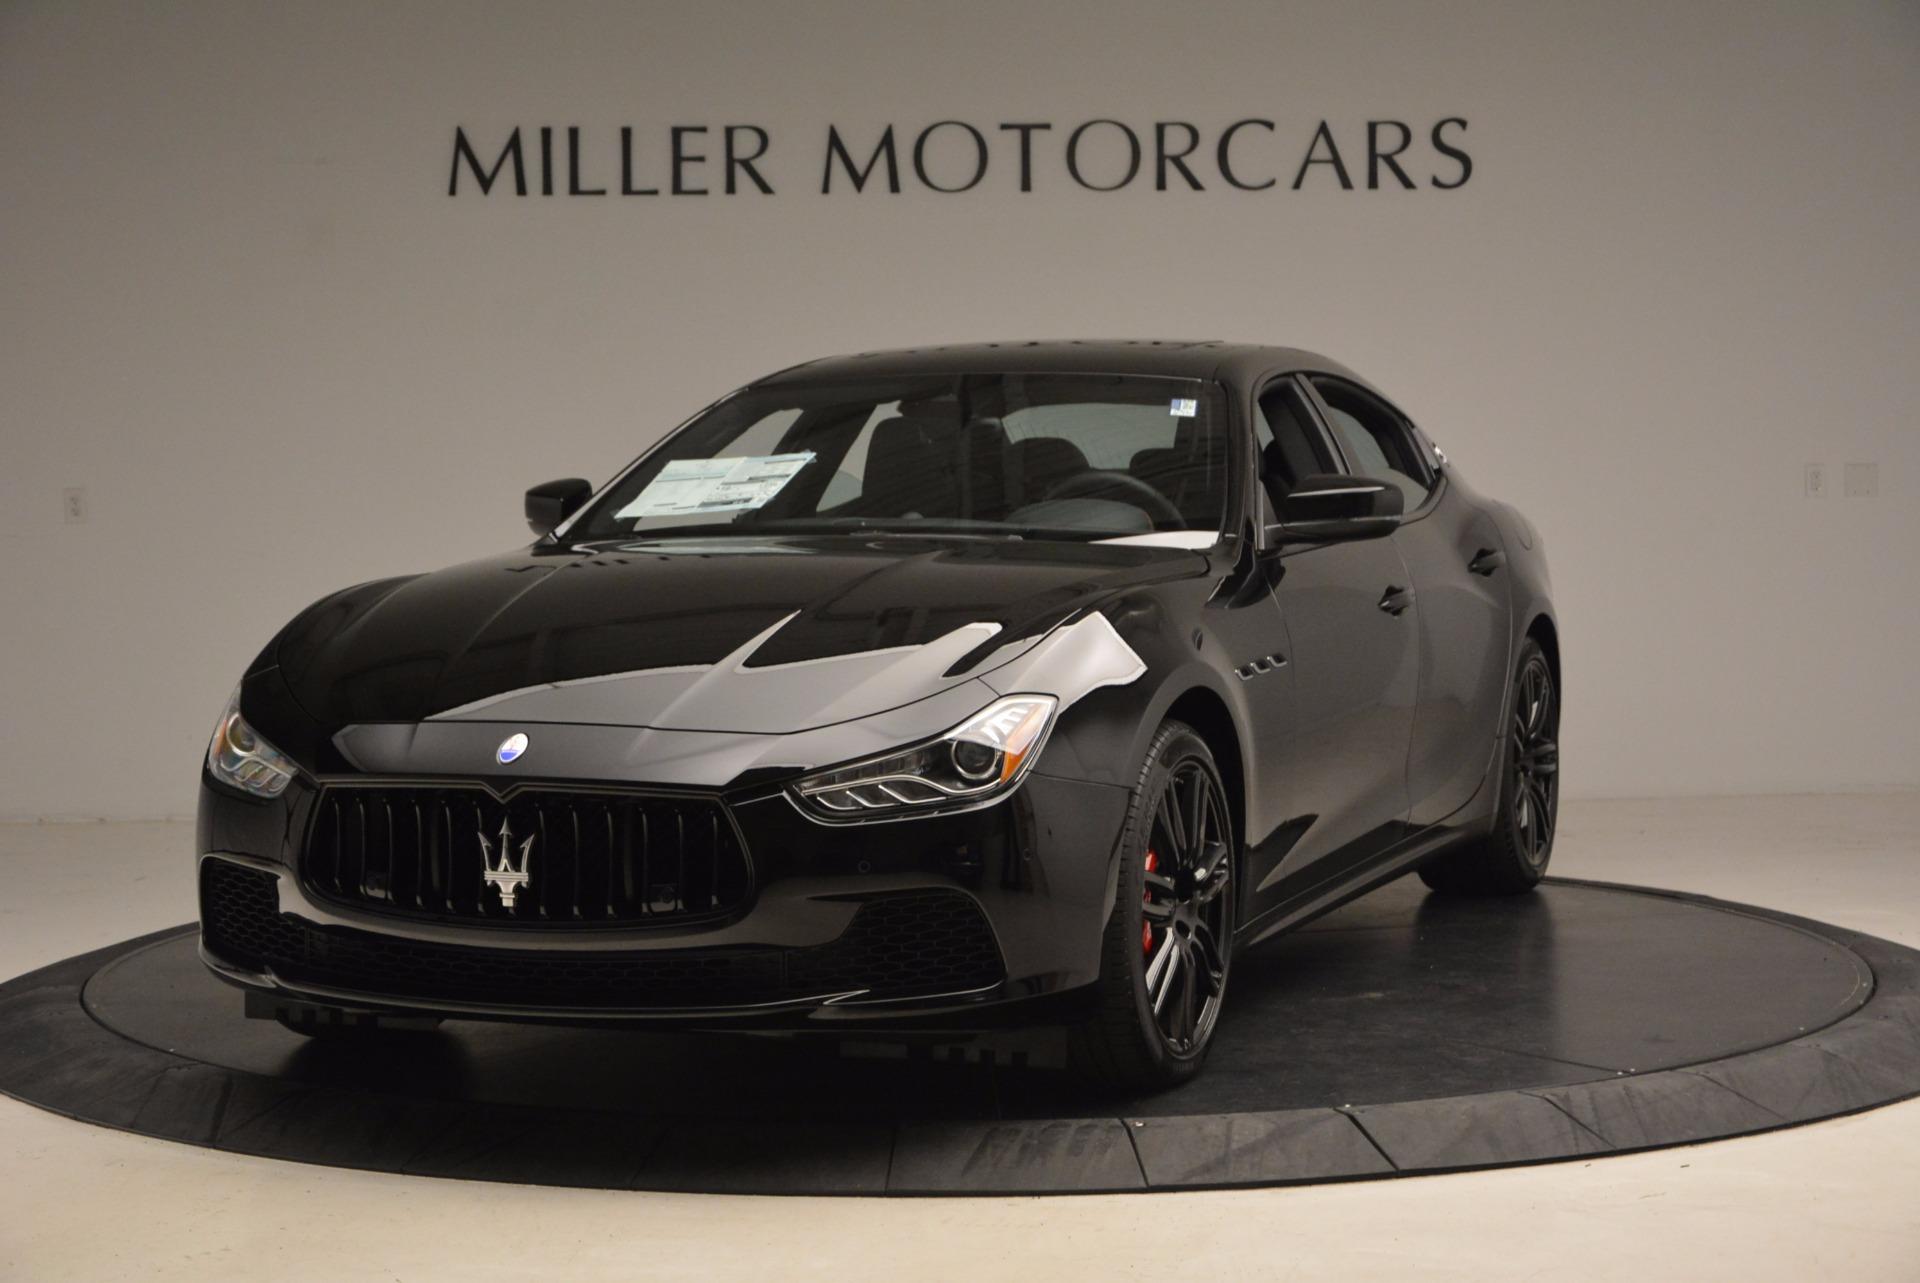 New 2017 Maserati Ghibli SQ4 S Q4 Nerissimo Edition For Sale In Greenwich, CT 1334_main